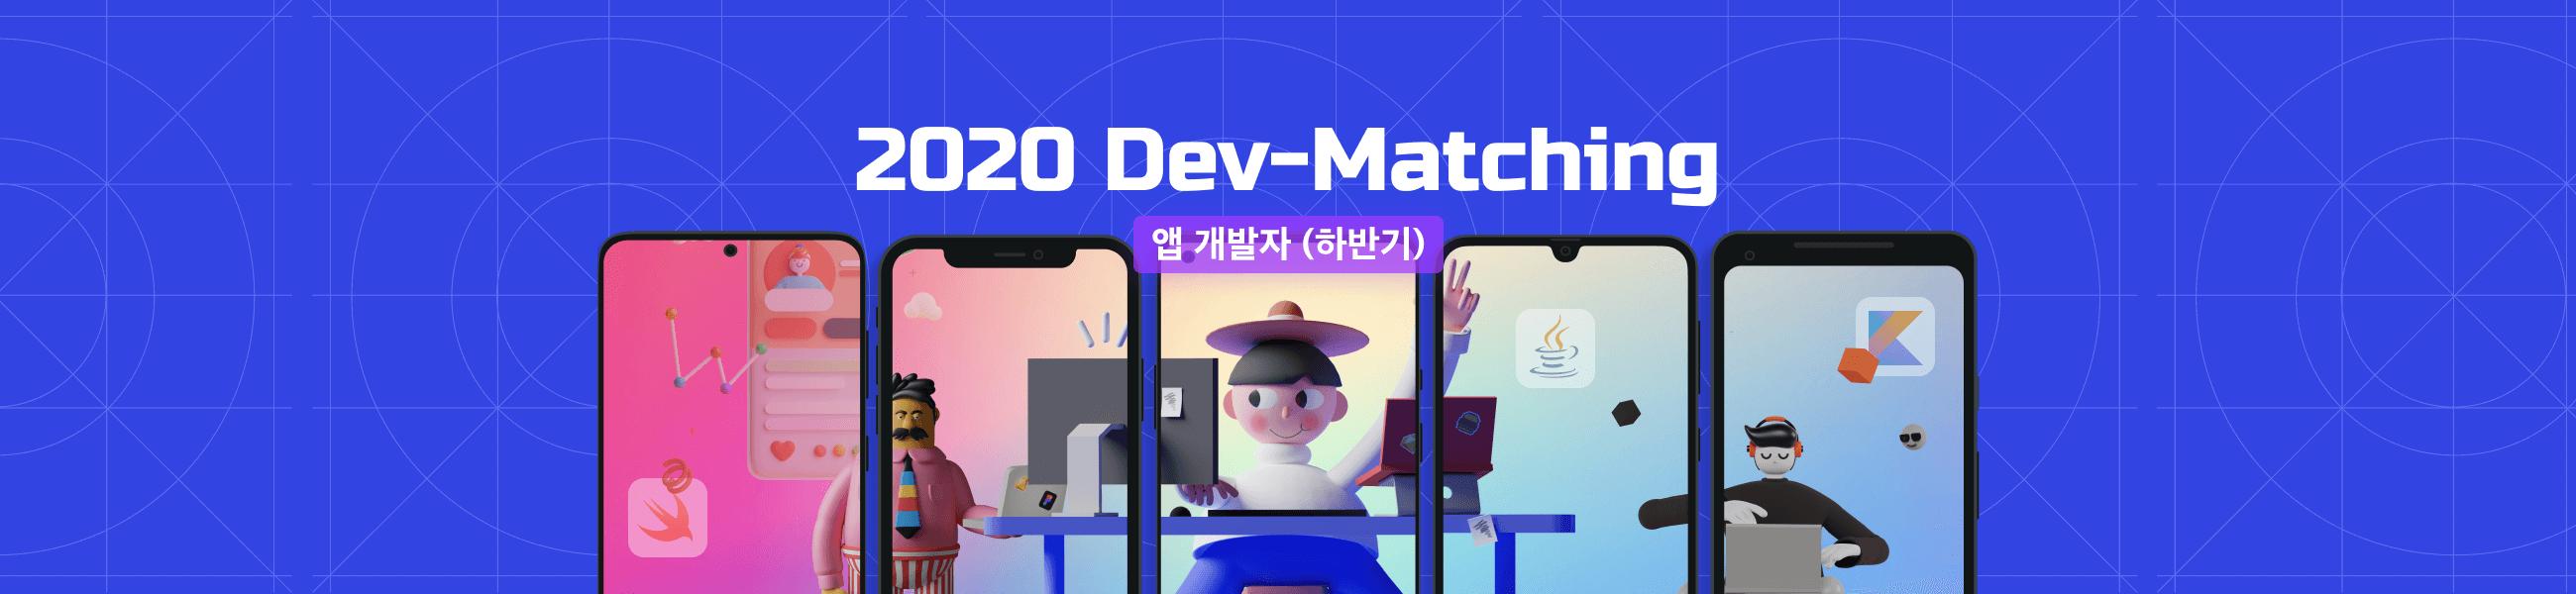 2020 Dev-Matching: 앱 개발자(하반기)의 이미지